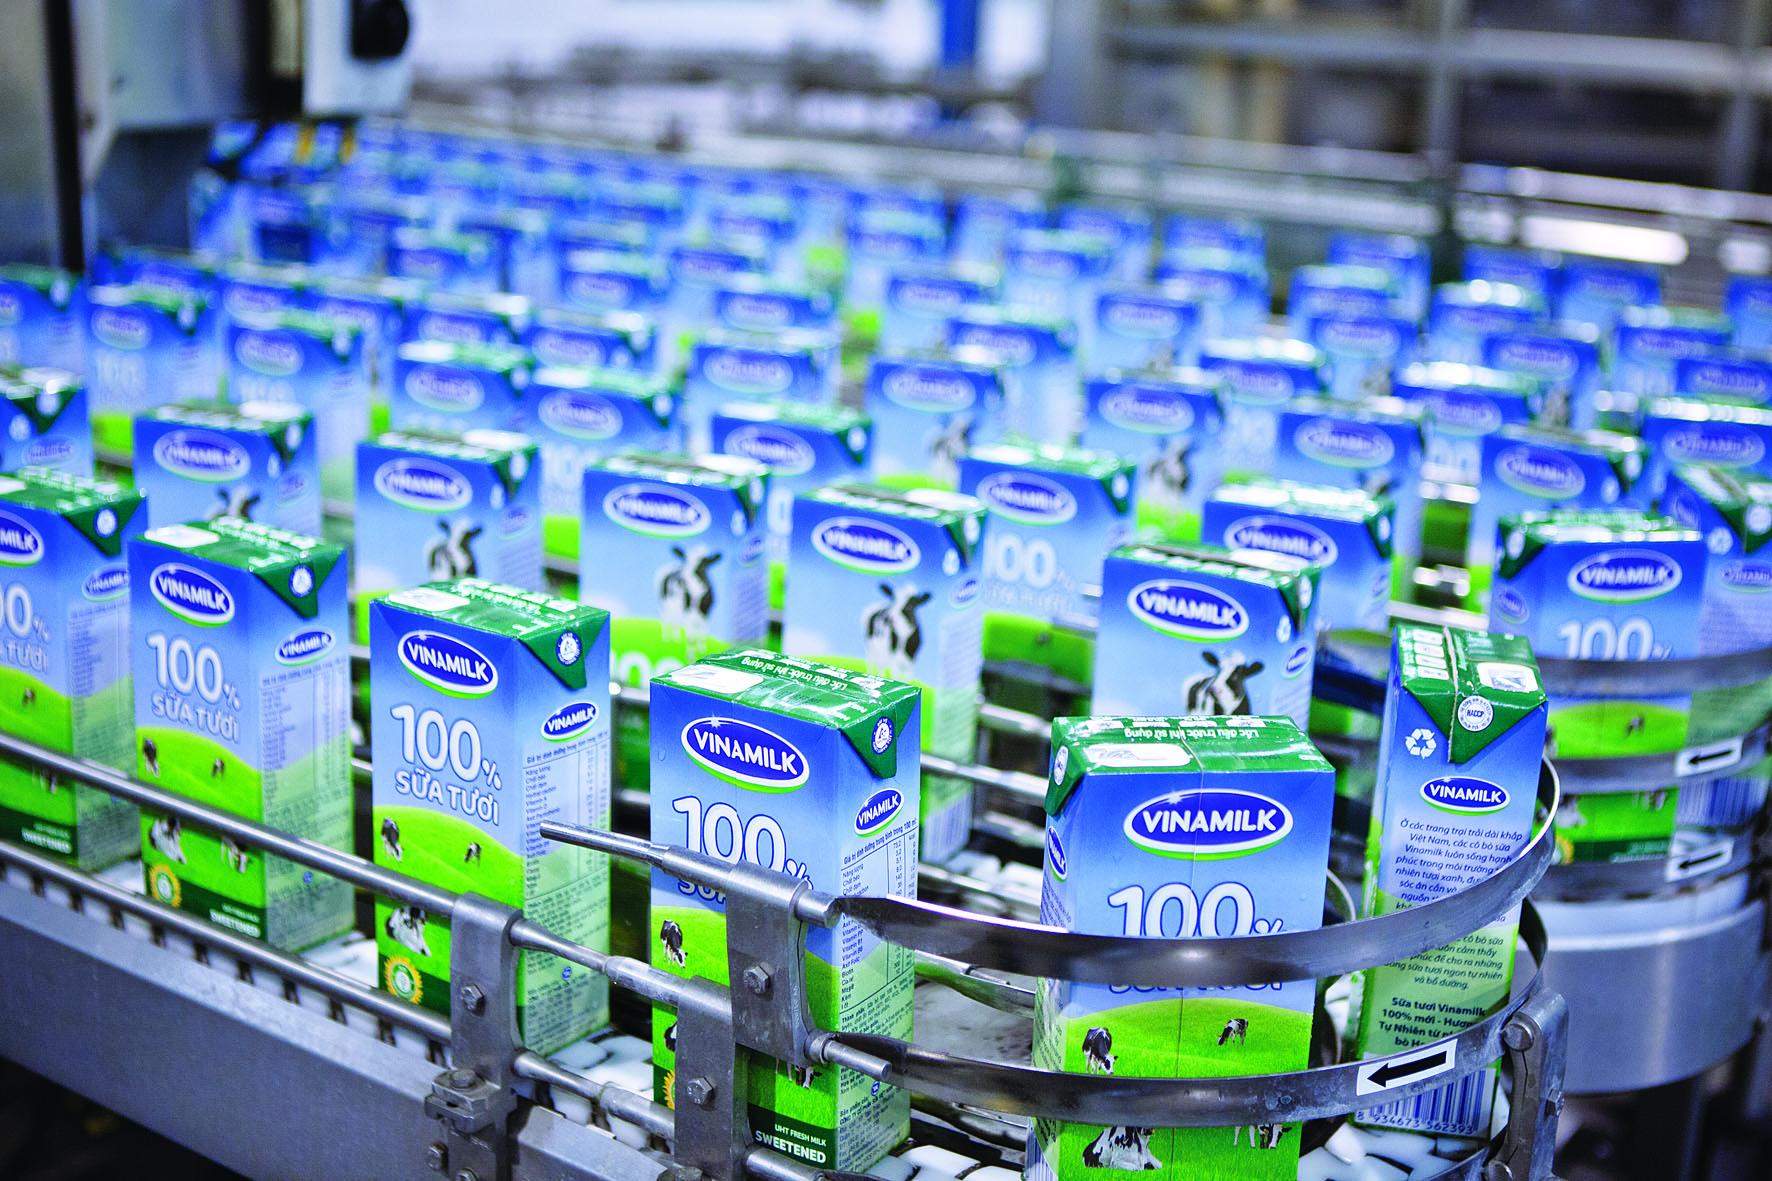 Vinamilk xuất khẩu 136 triệu USD 8 tháng đầu năm